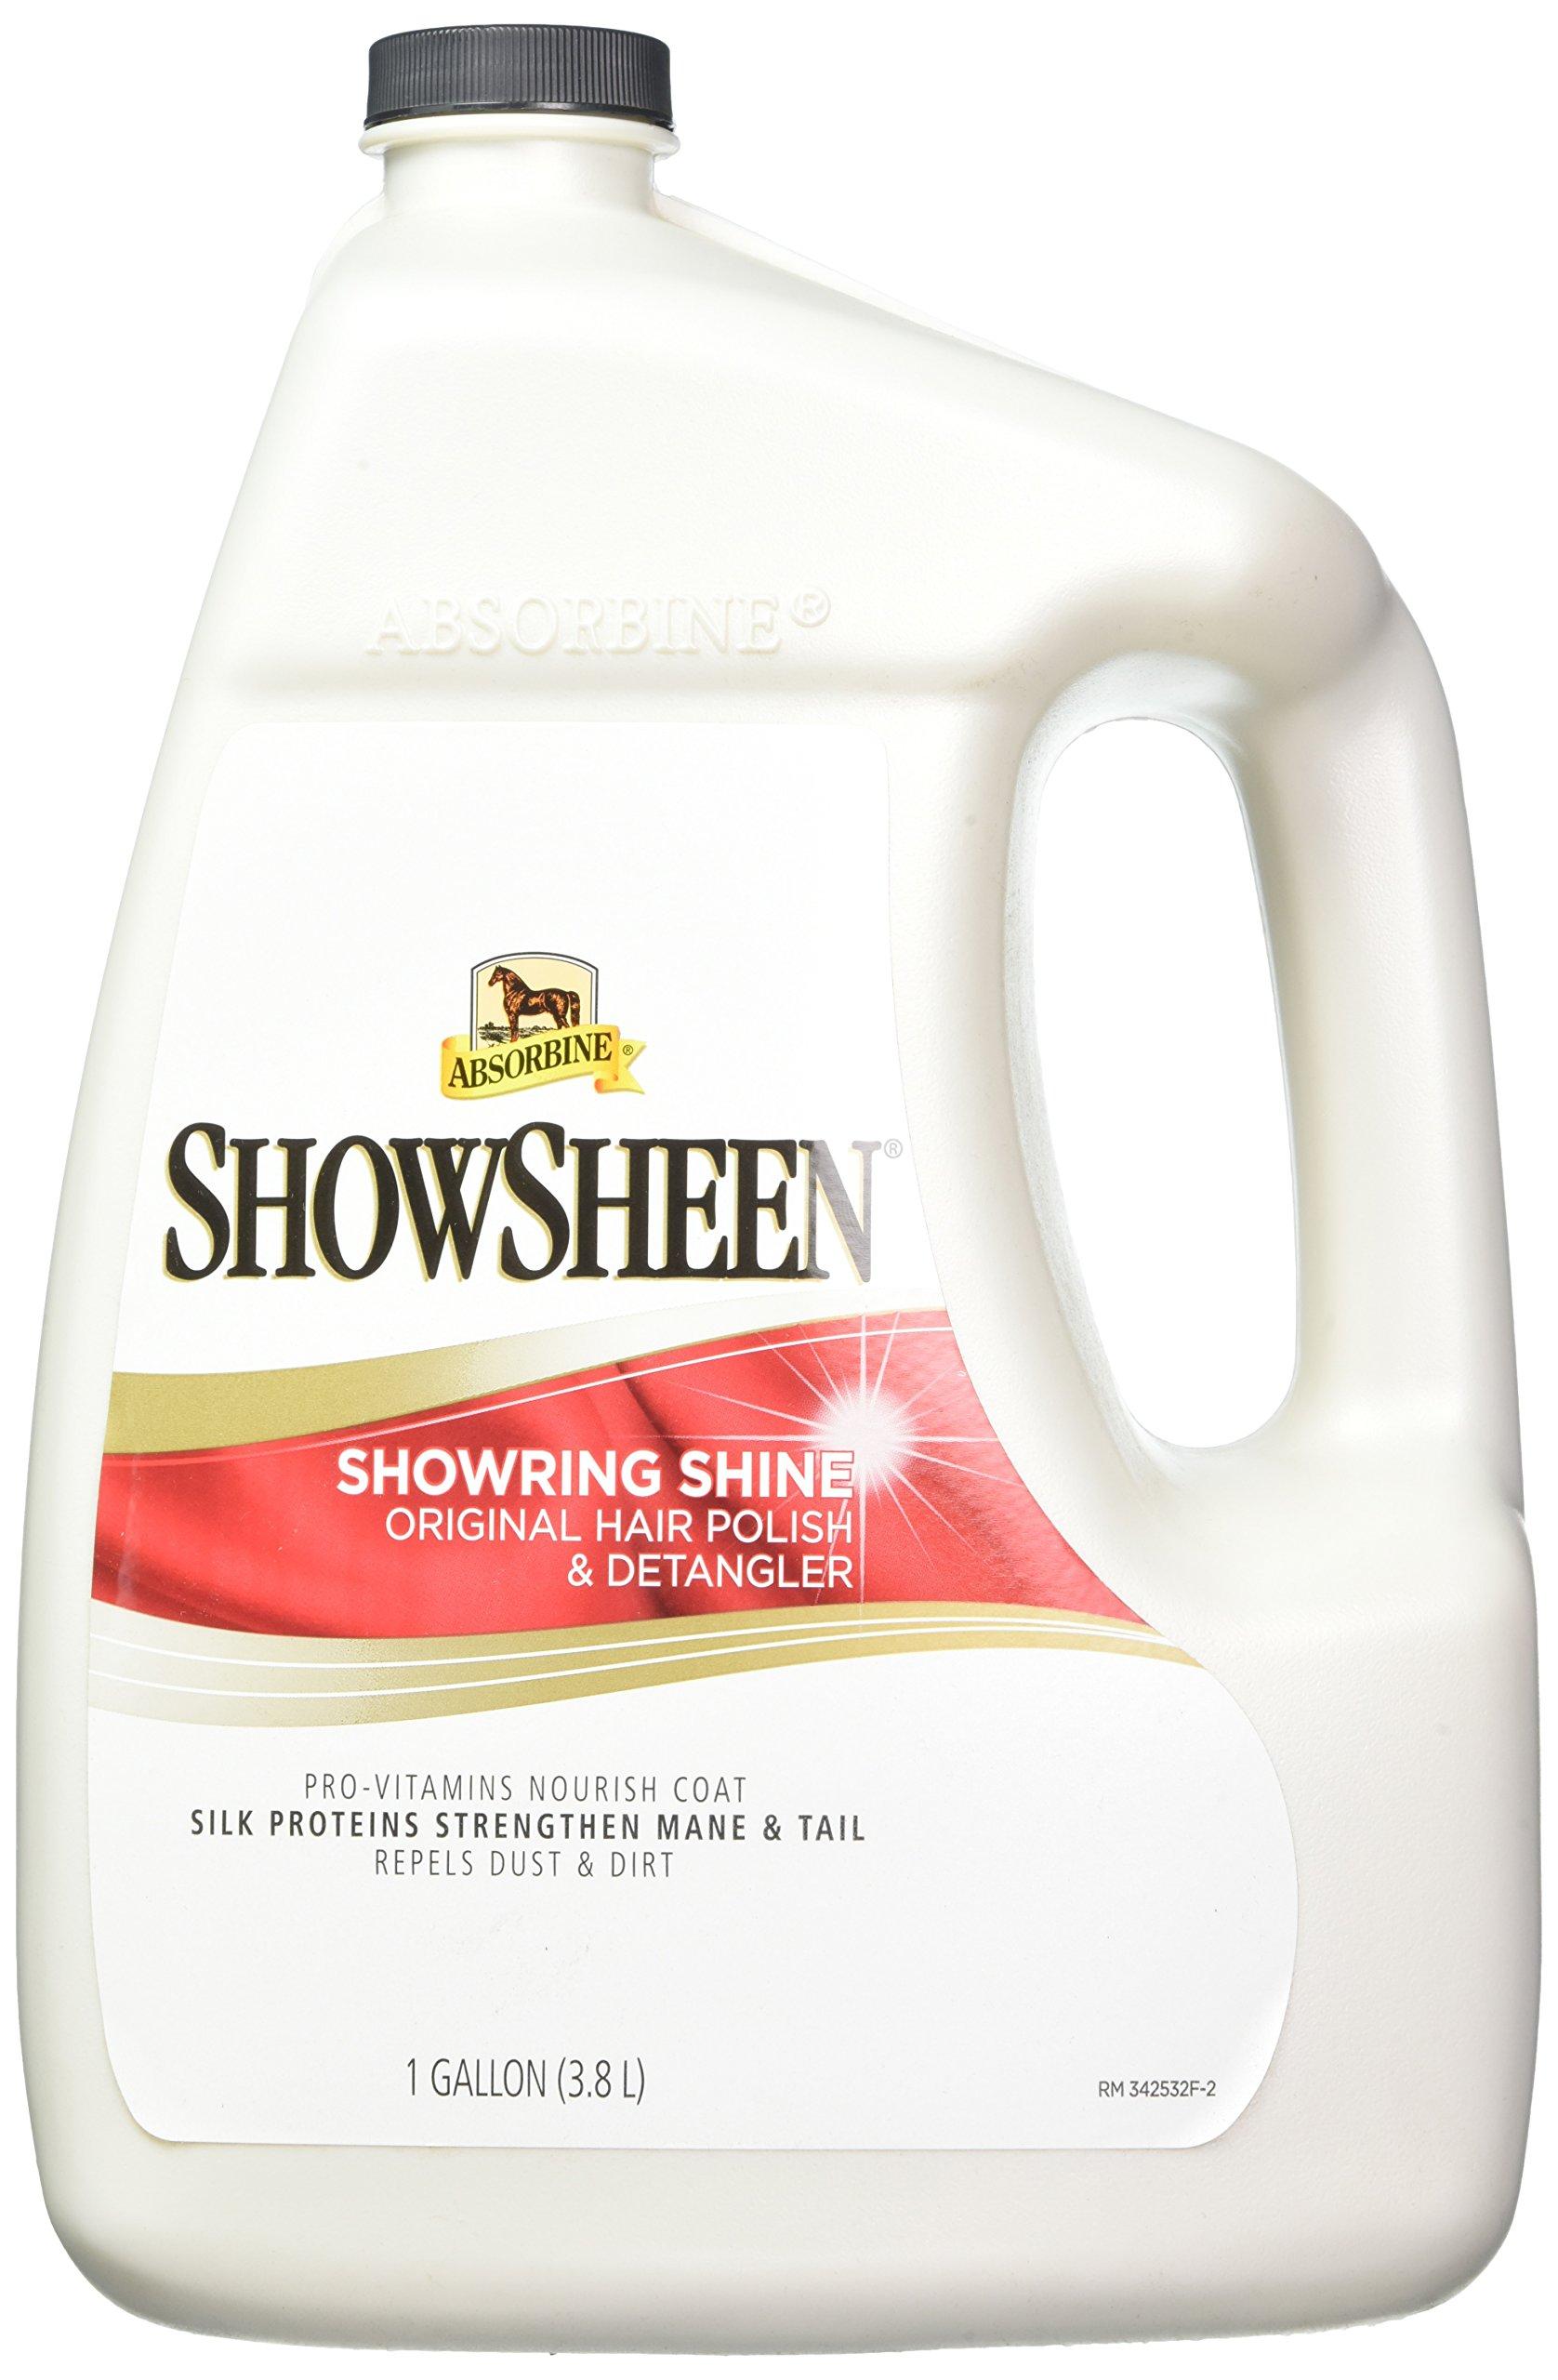 Absorbine Showsheen Showring Shine Detangler, 1 Gallon by Absorbine